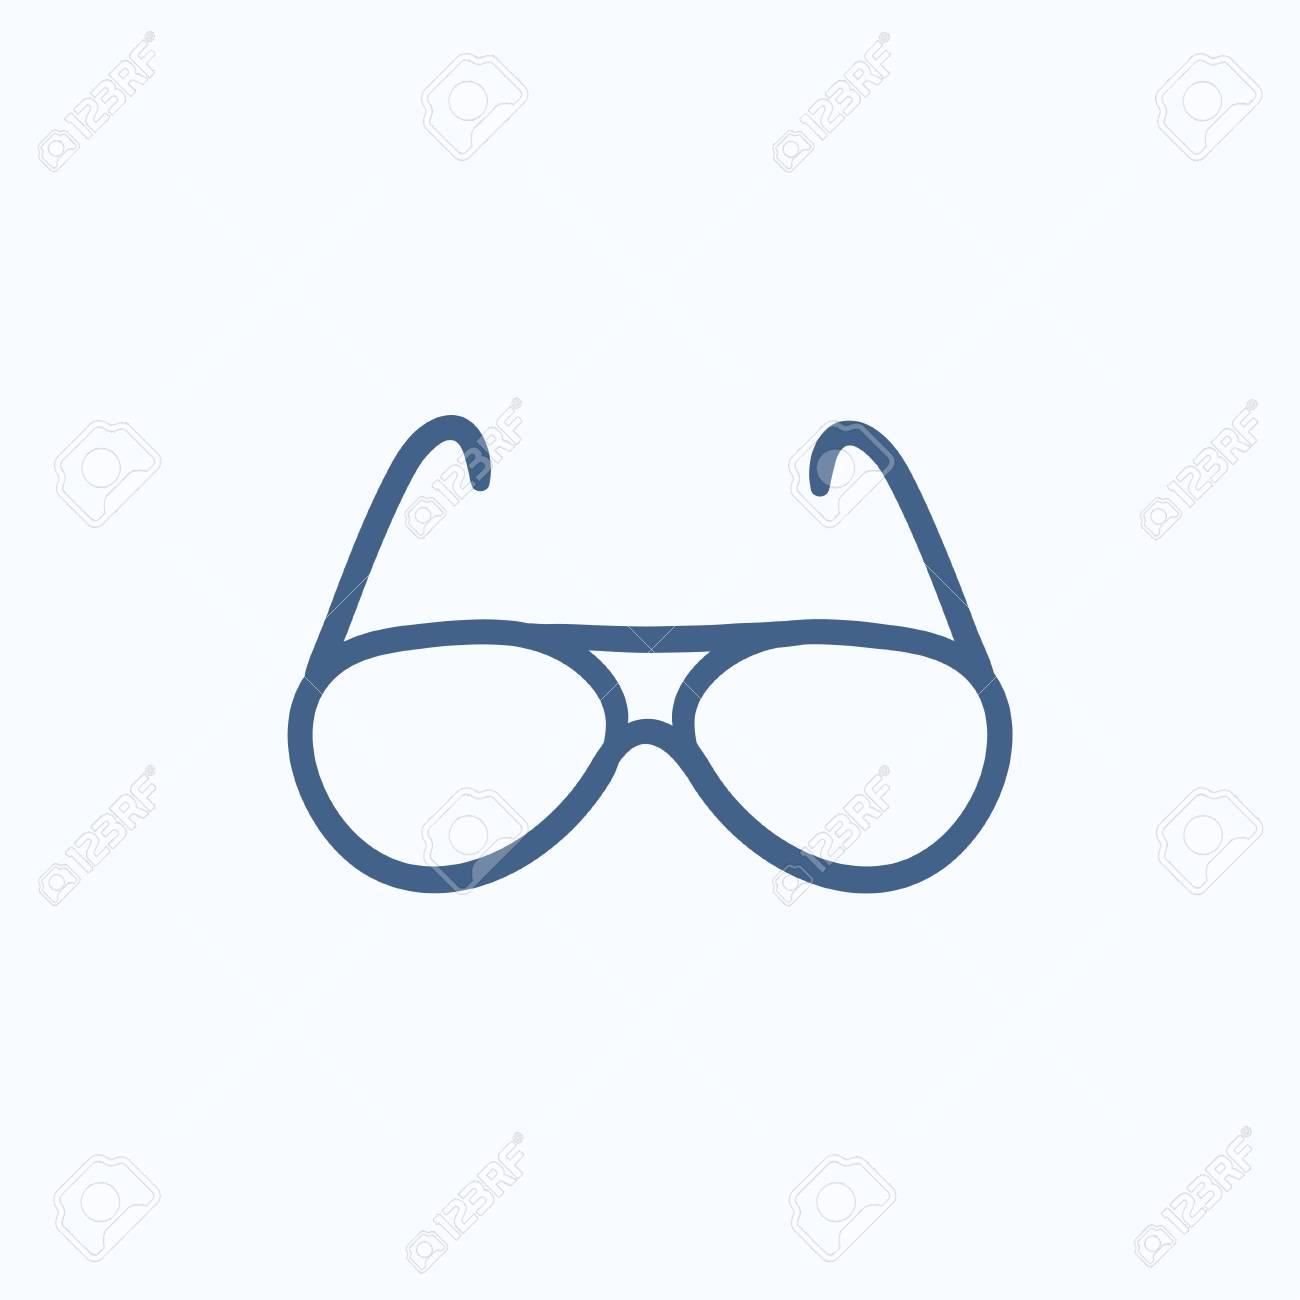 Banque d images - Lunettes de vue vectoriel icône de croquis isolé sur  fond. Icône de lunettes dessinés à la main. Icône de croquis de lunettes  pour ... bc006322f405